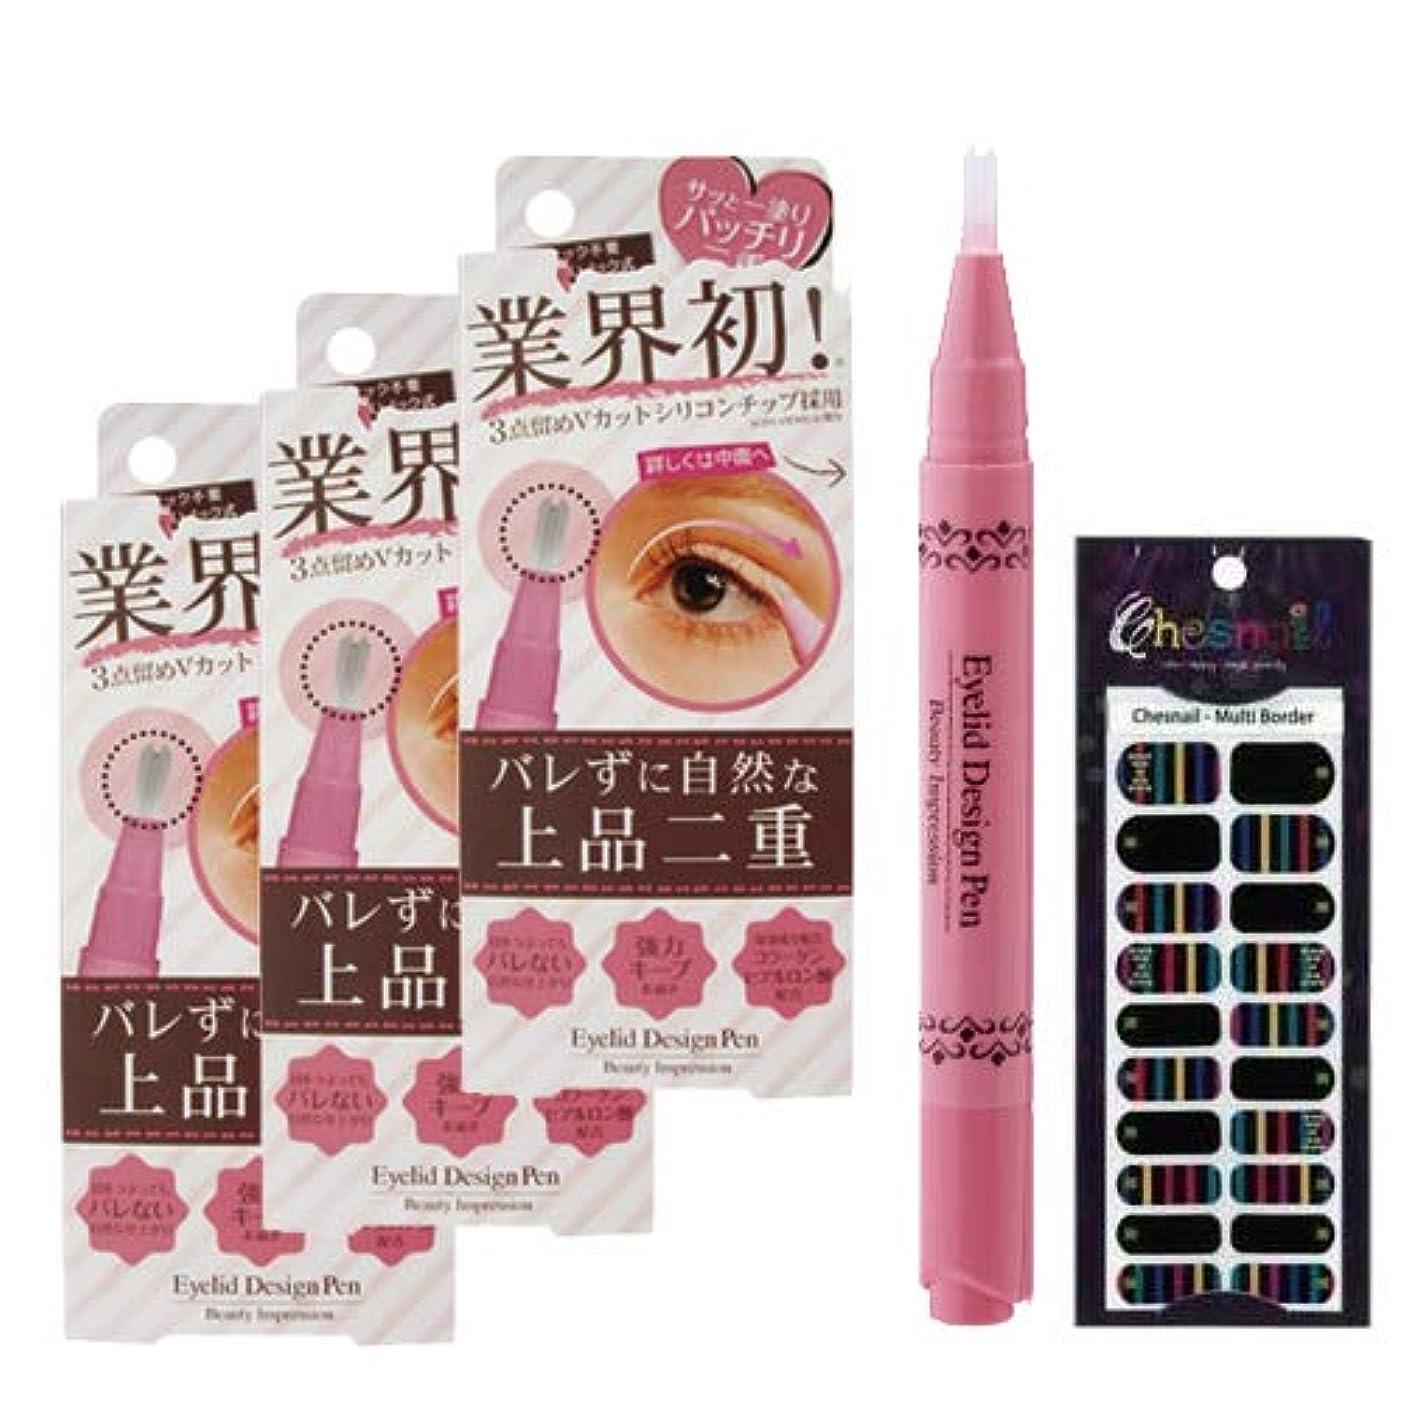 ルーパーフェルビッド鋼Beauty Impression アイリッドデザインペン 2ml (二重まぶた形成化粧品) ×3個 + チェスネイル(マルチボーダー)セット